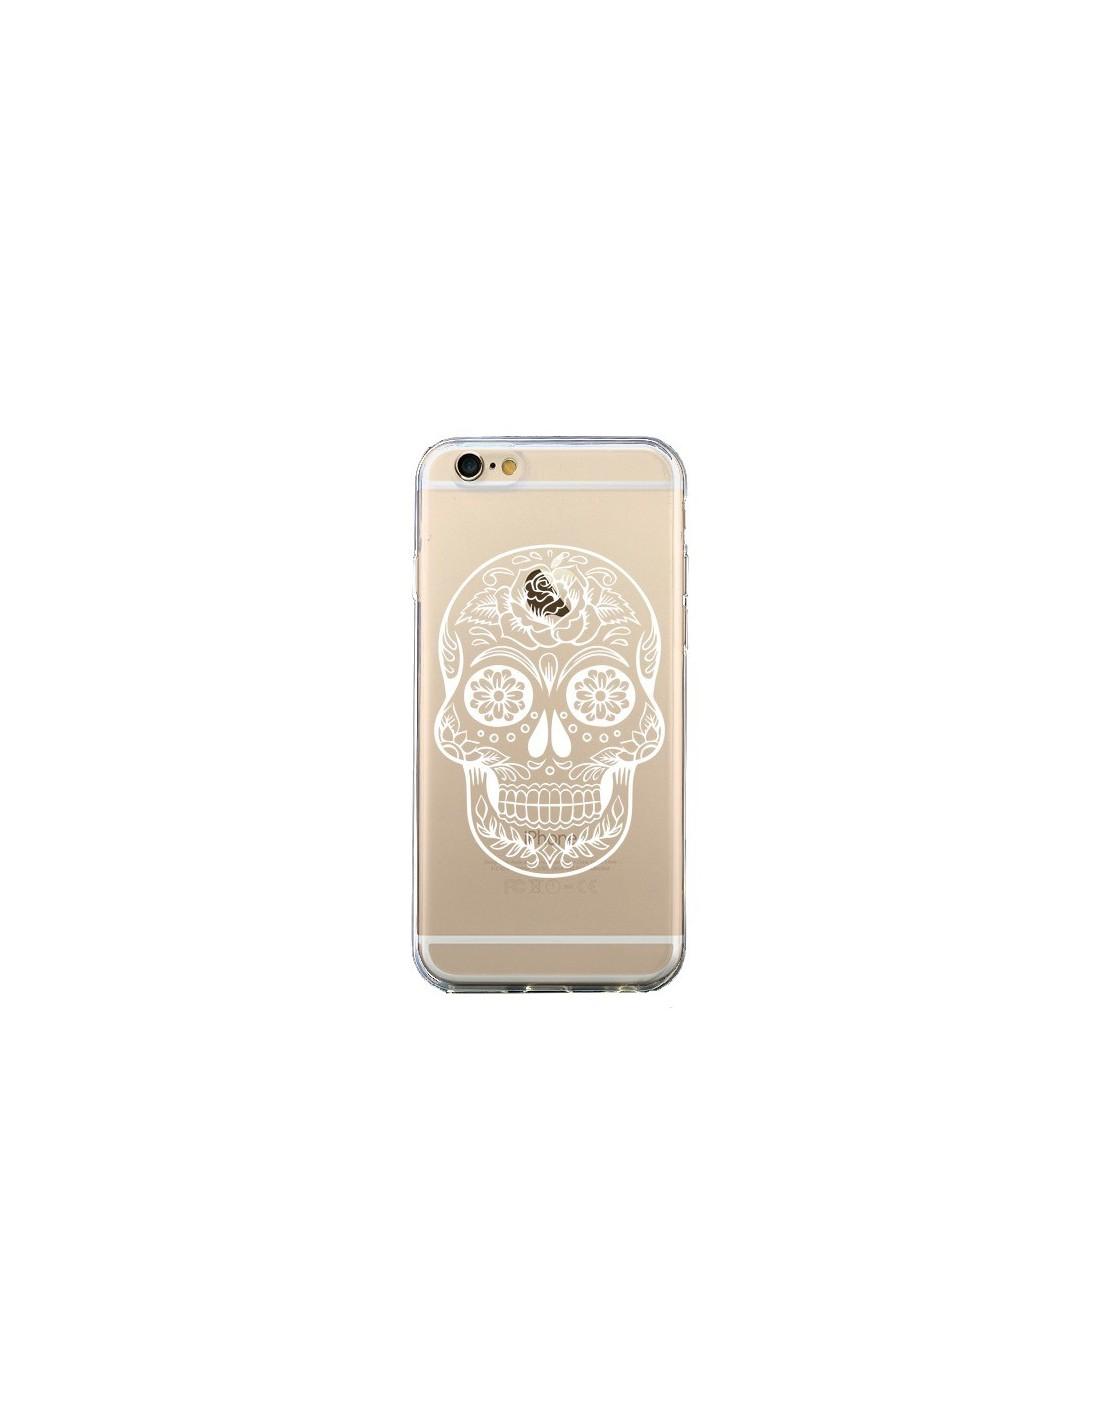 coque d iphone 6 transparente